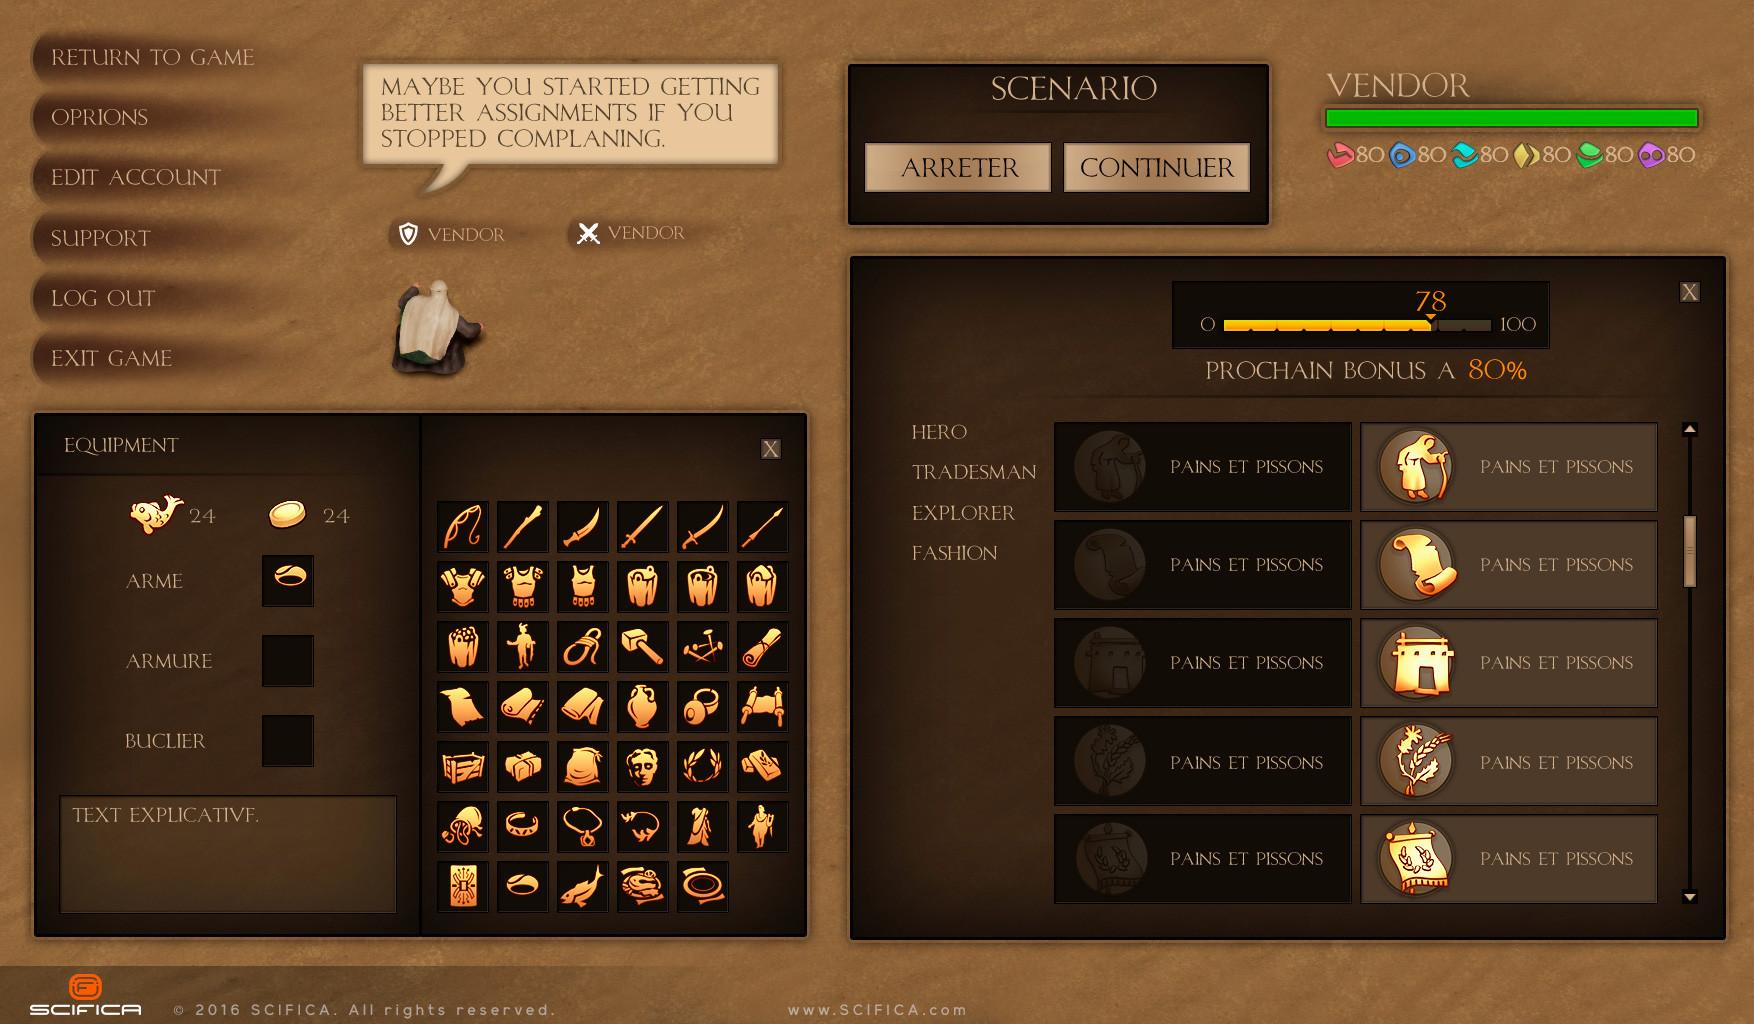 ArtStation Video Game UI Design For PC Adventure Game Anton Cermak - Game menu design